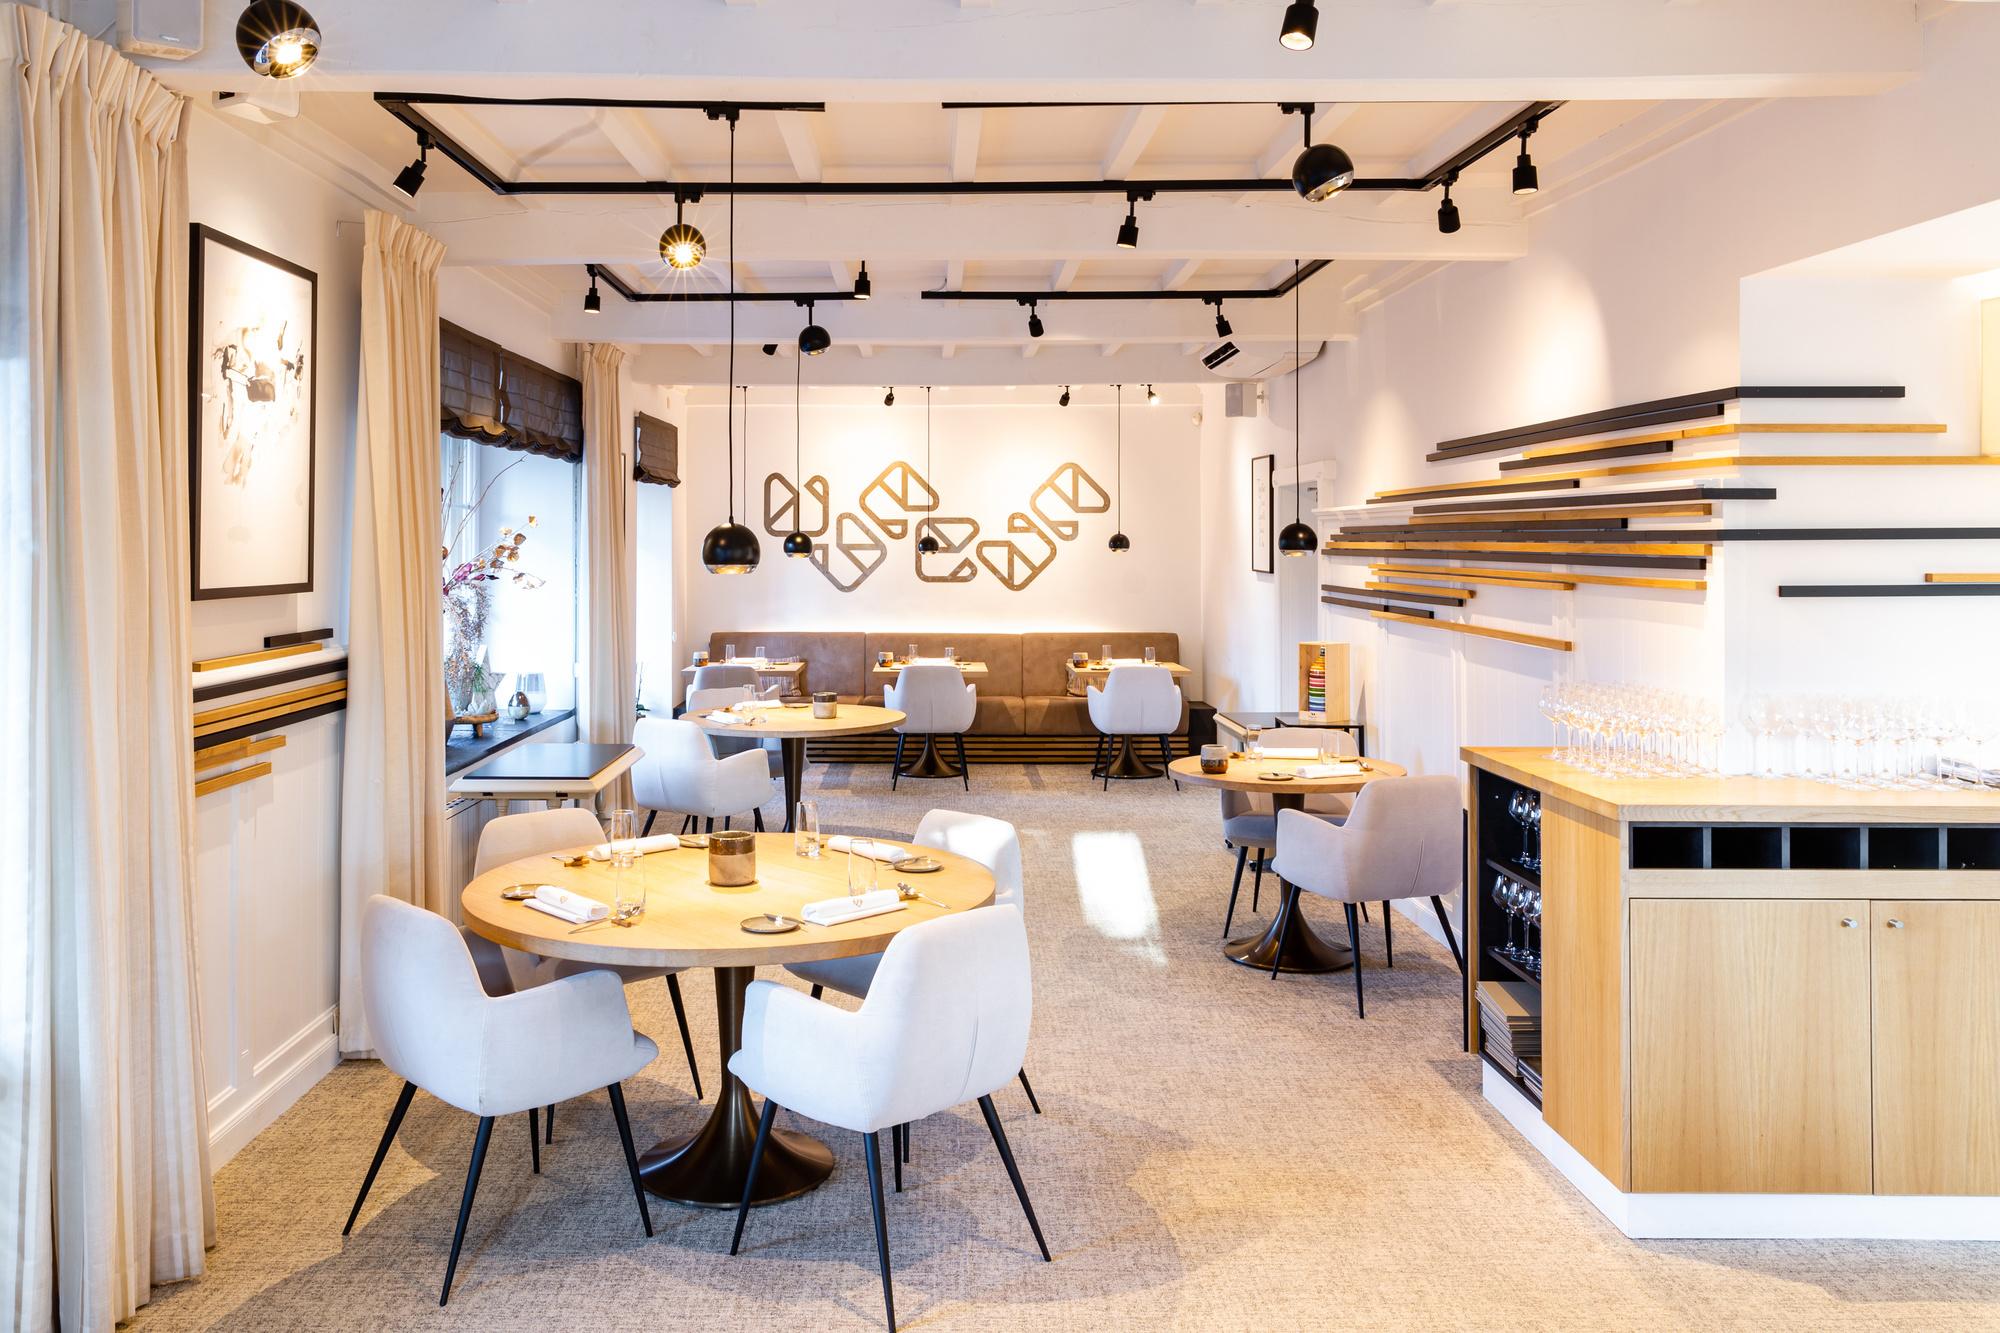 Le Gastronome, un cadre à la fois minimaliste et chaleureux, EquinoxLightPhoto